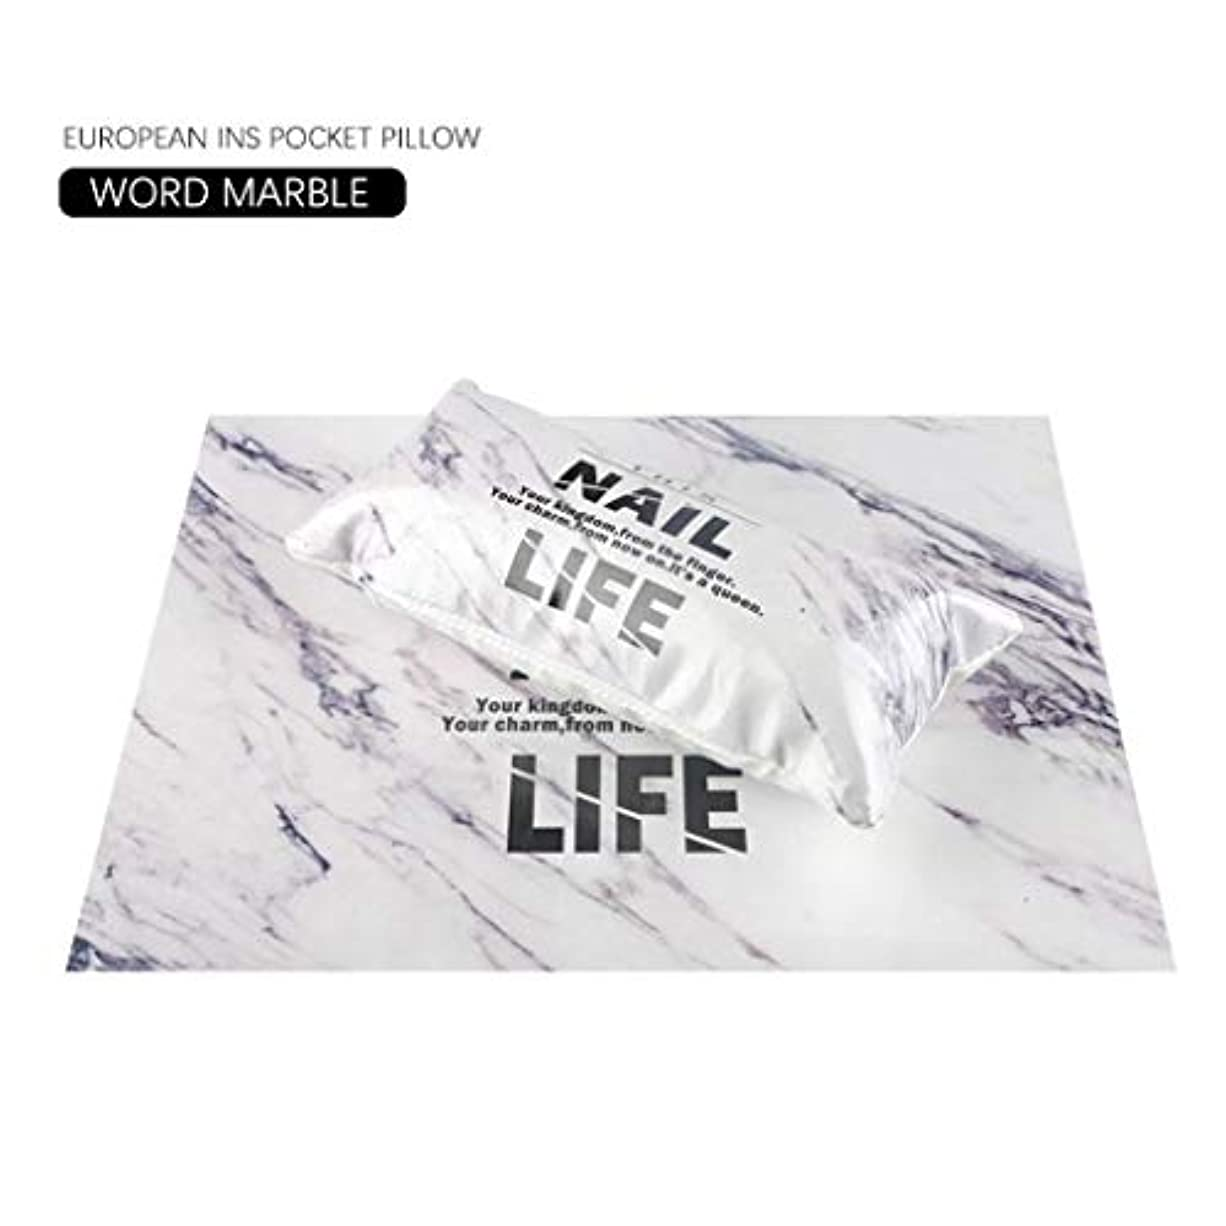 現れるくるみ割る欧州INS風マニキュアハンド枕ネイルセット手首枕スポンジ (大理石)